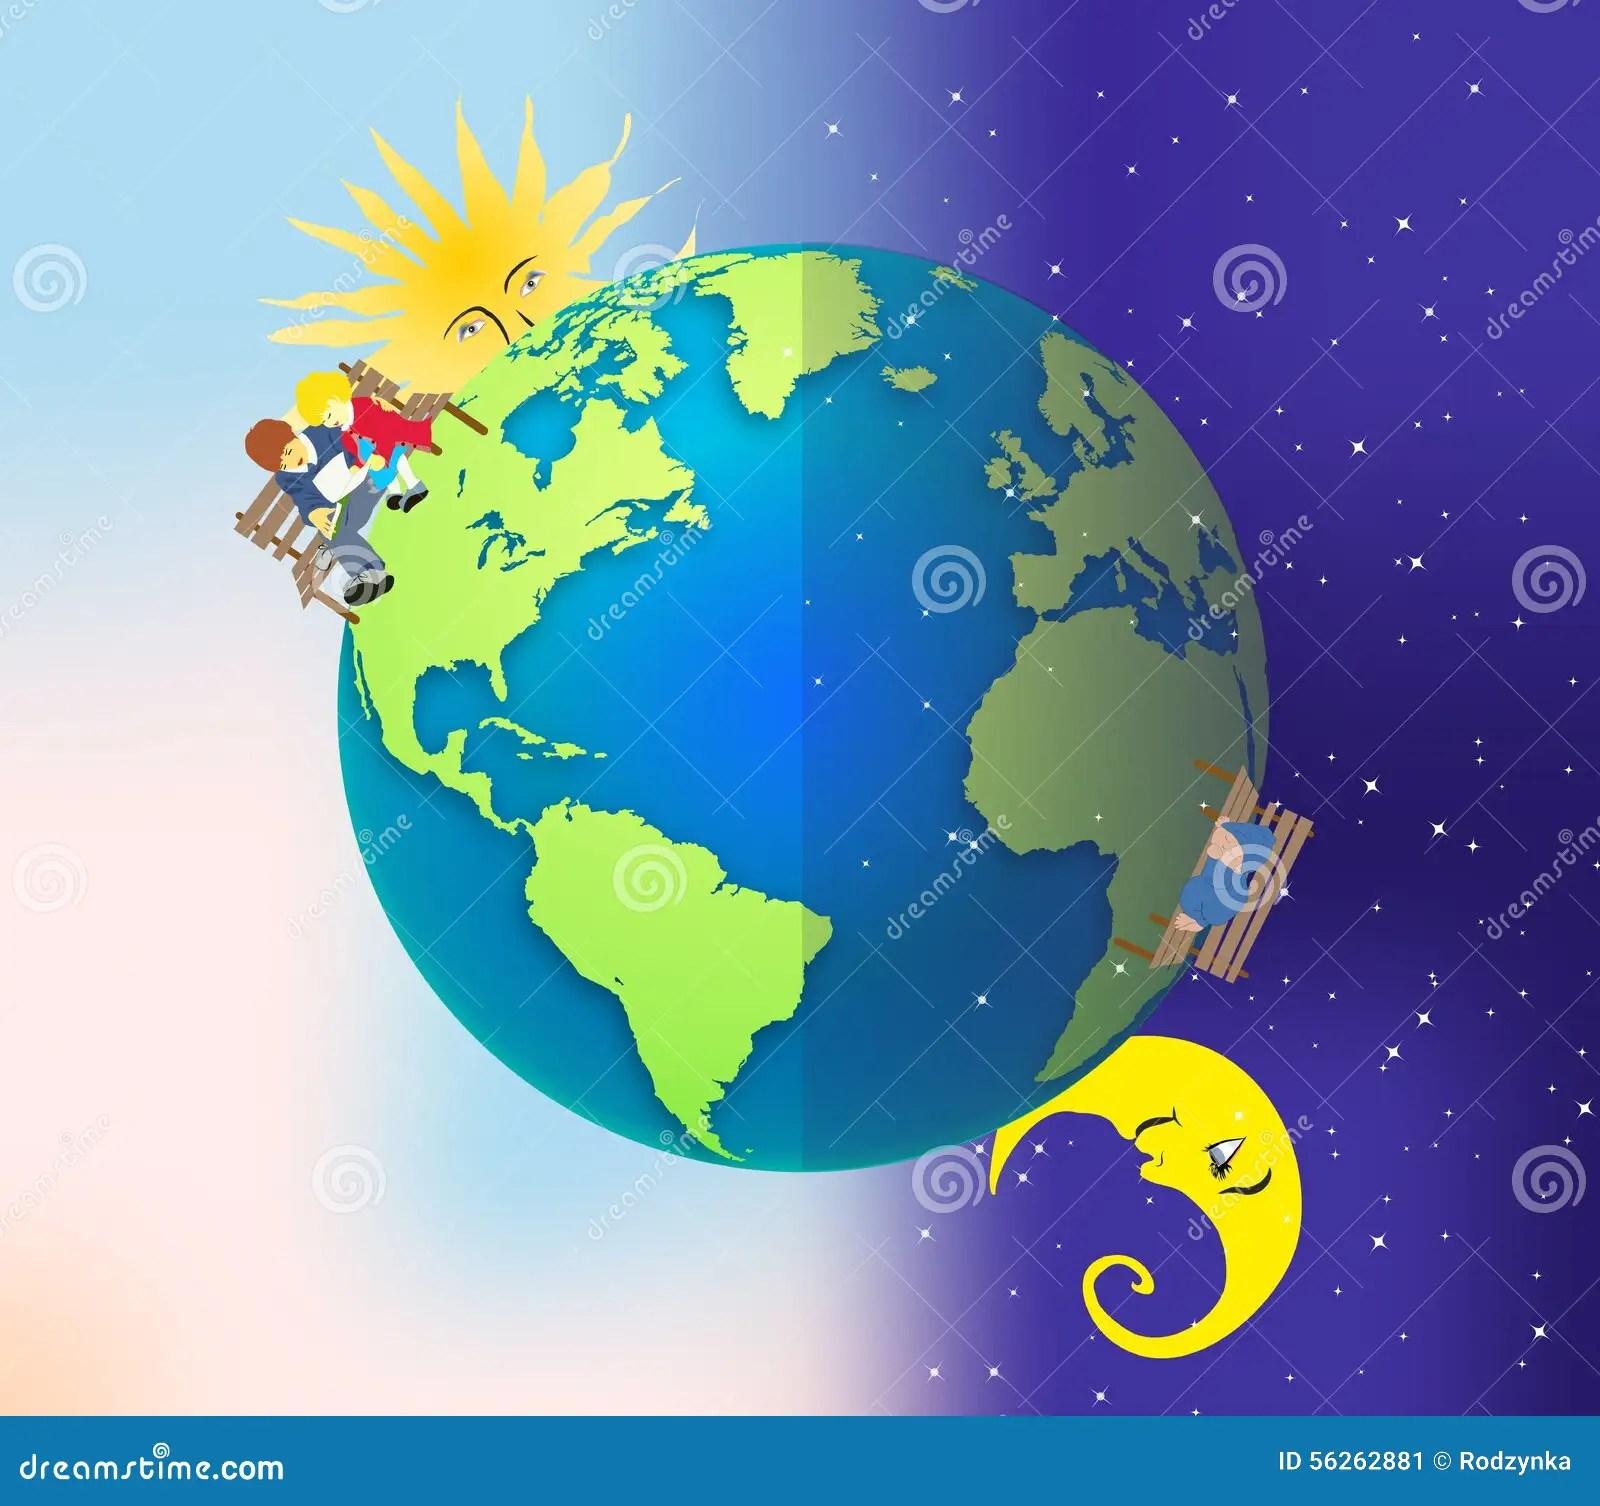 Tag Und Nacht Stock Abbildung Illustration Von Sonne